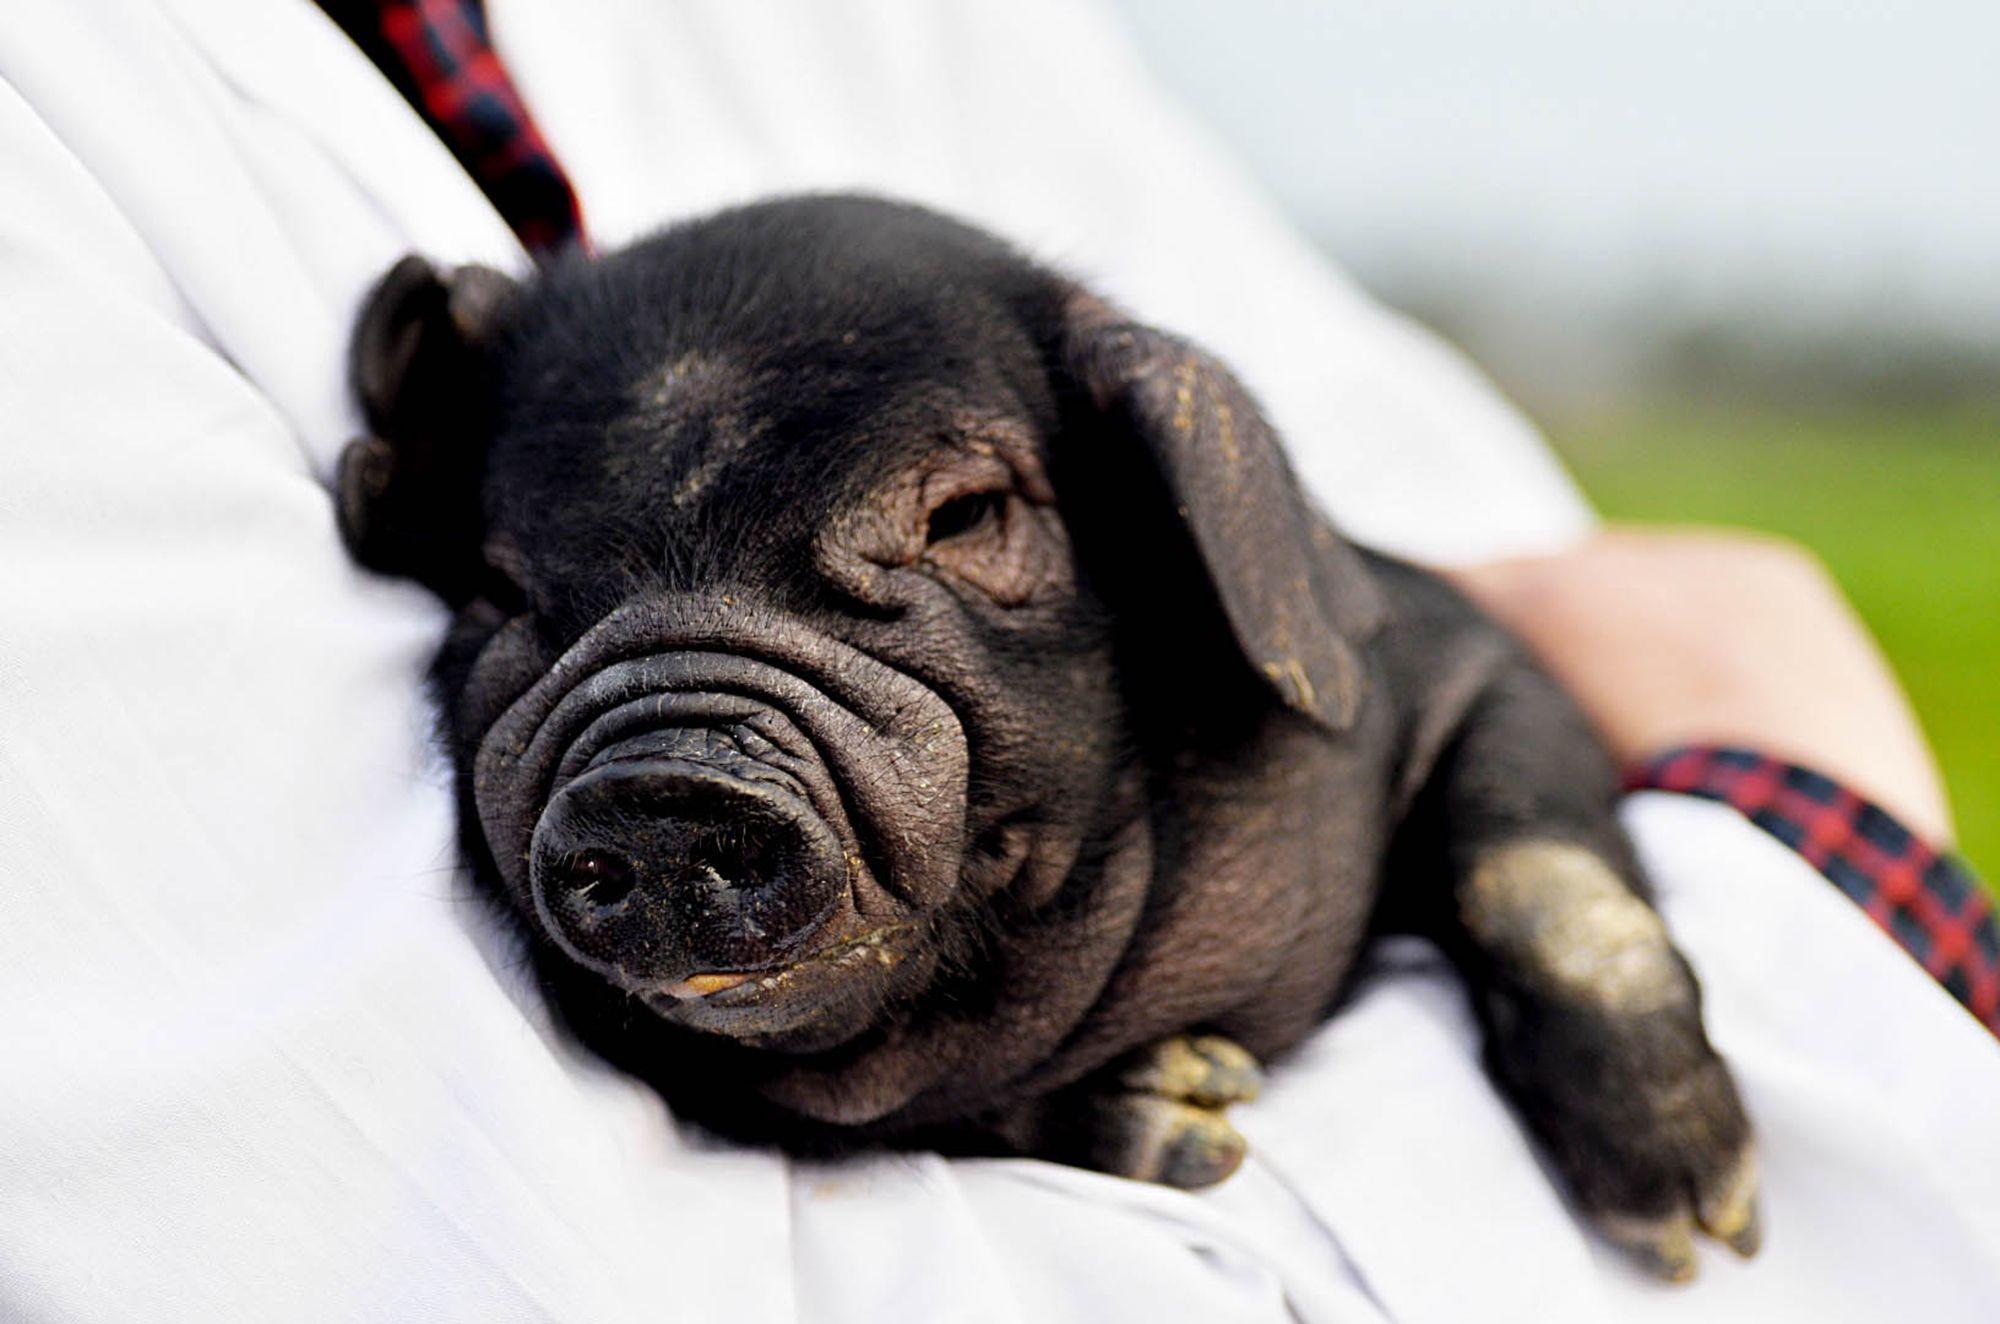 我可是傲娇的保种猪,我家李猪倌可爱我了,是我的迷弟.